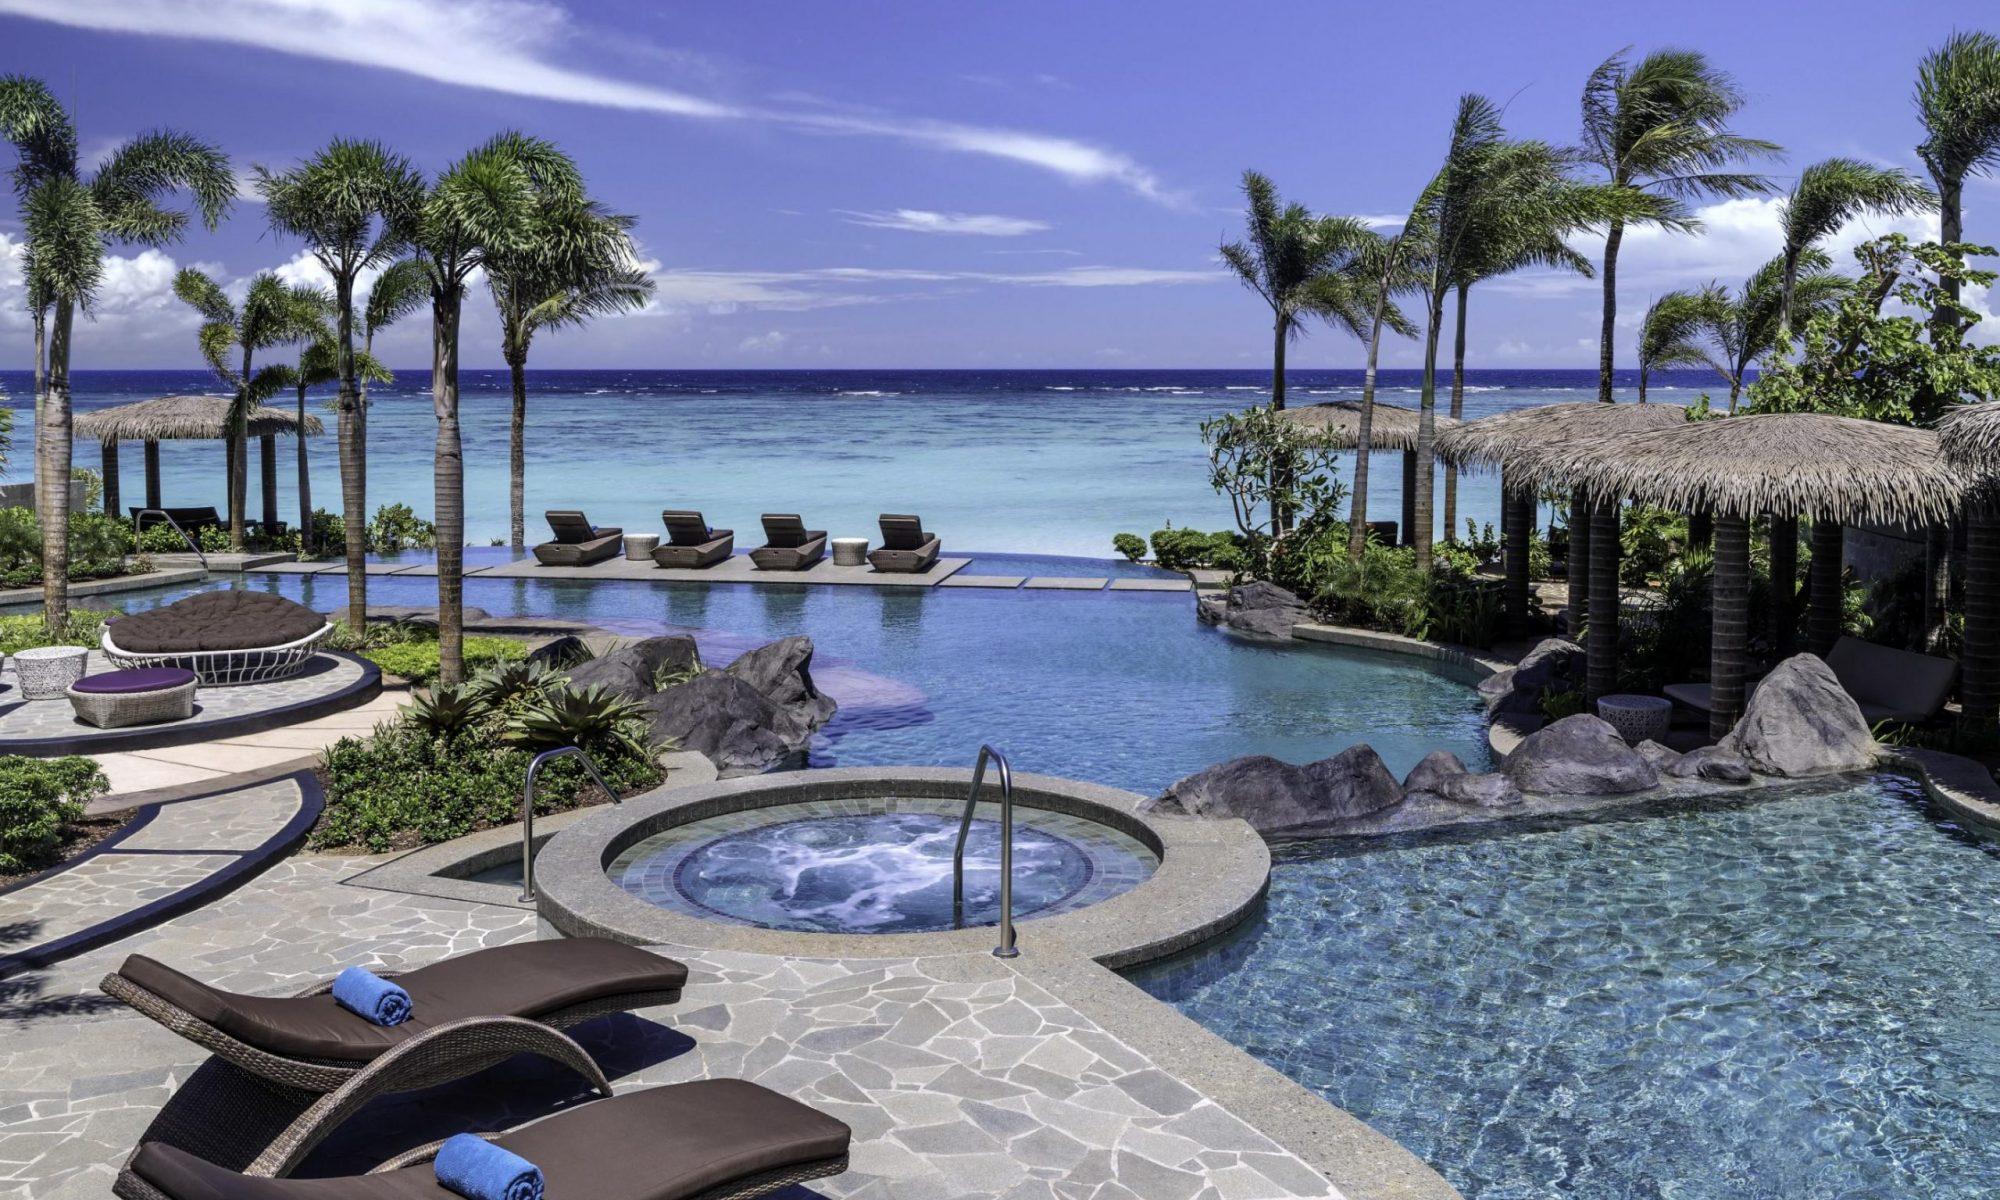 Dusit Thani Guam